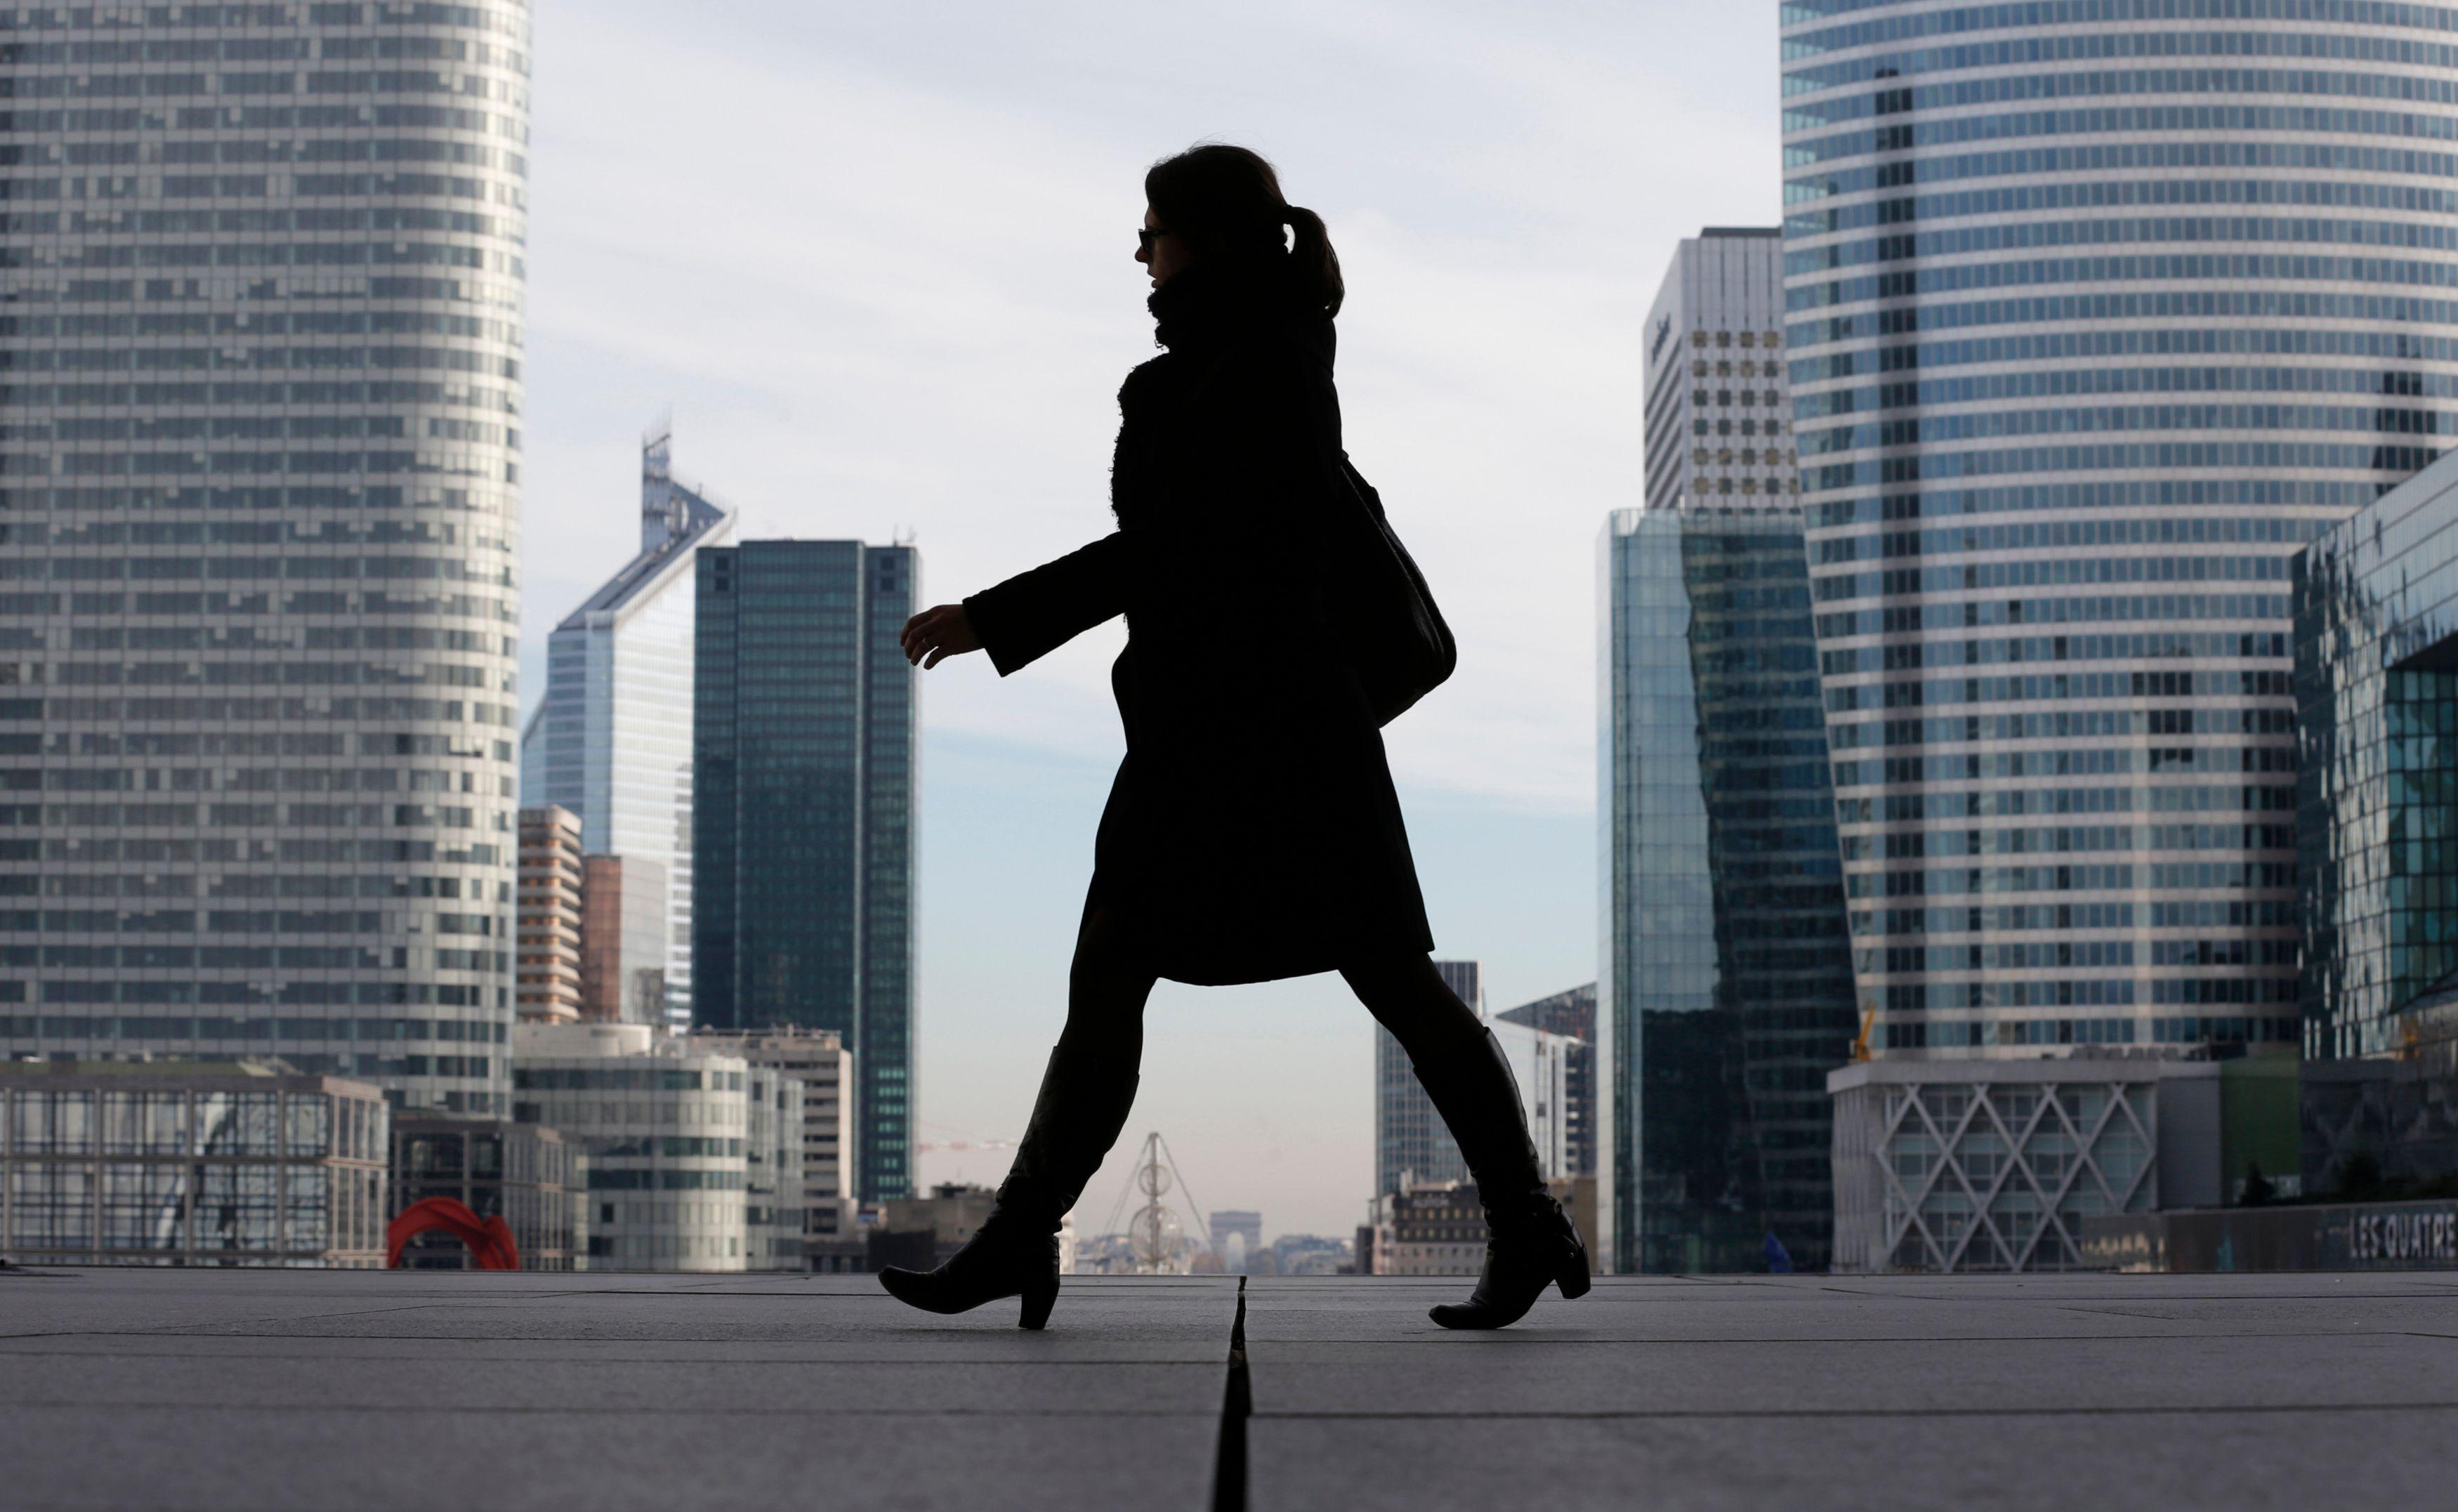 Méfiez-vous des femmes ? Focus sur le retour d'expérience d'une chasseuse de têtes d'élite